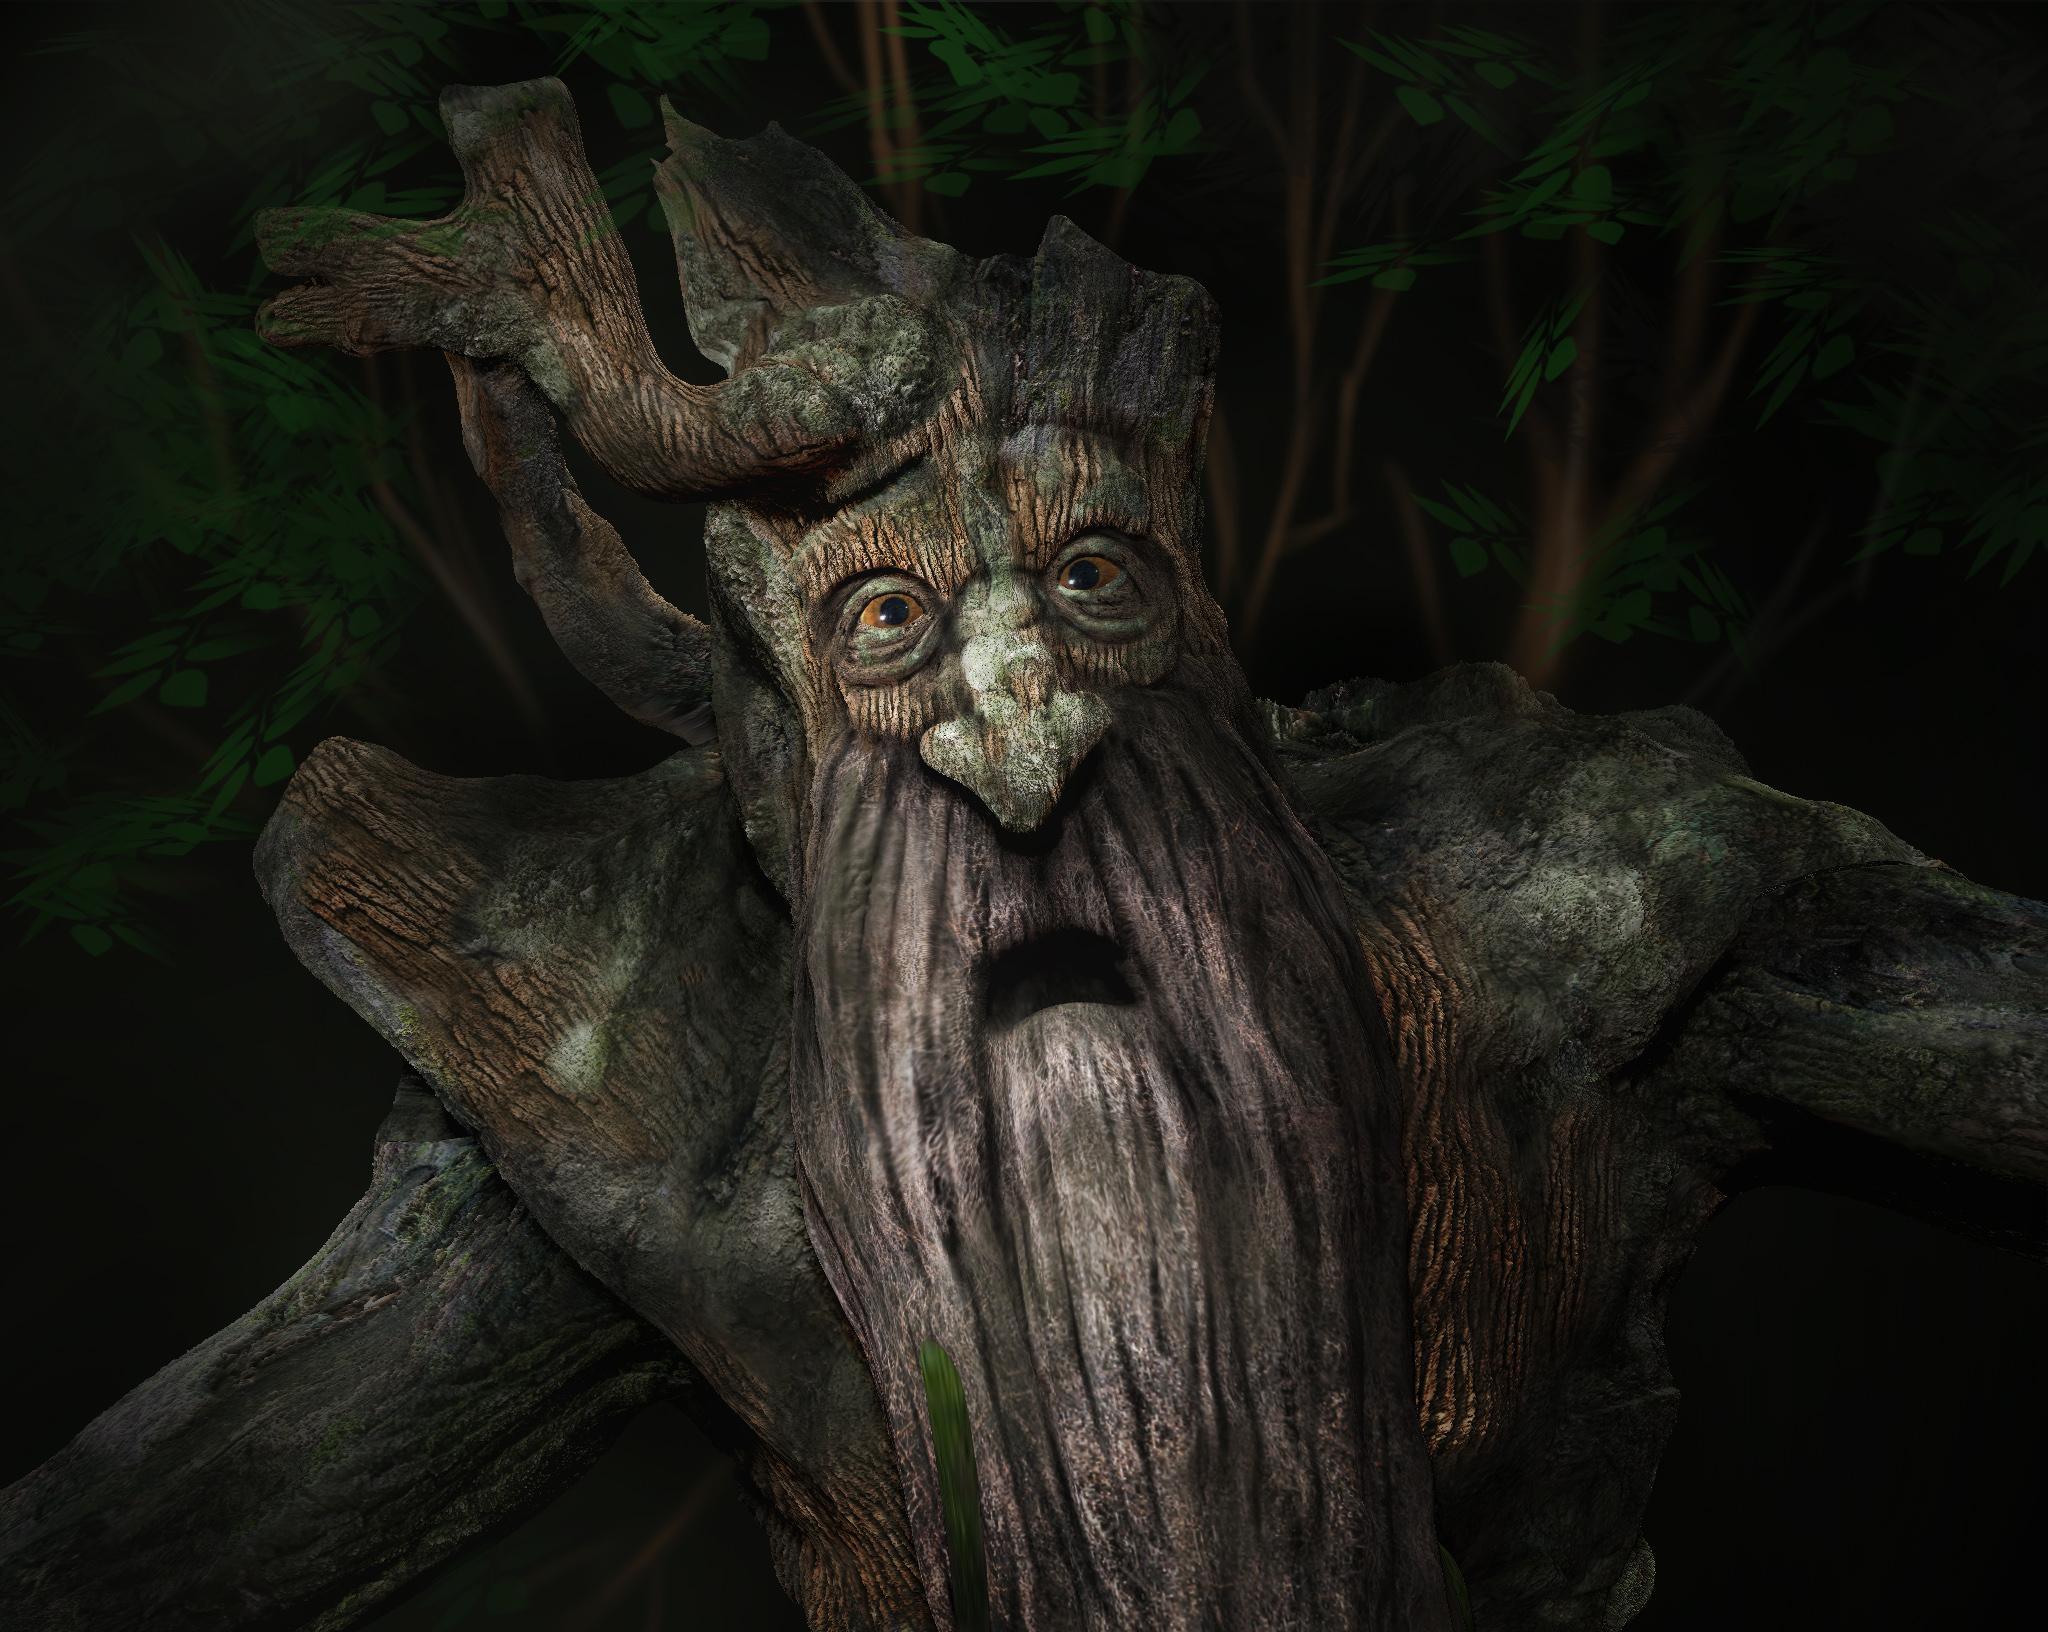 дерево из властелина колец фото яркого цвета